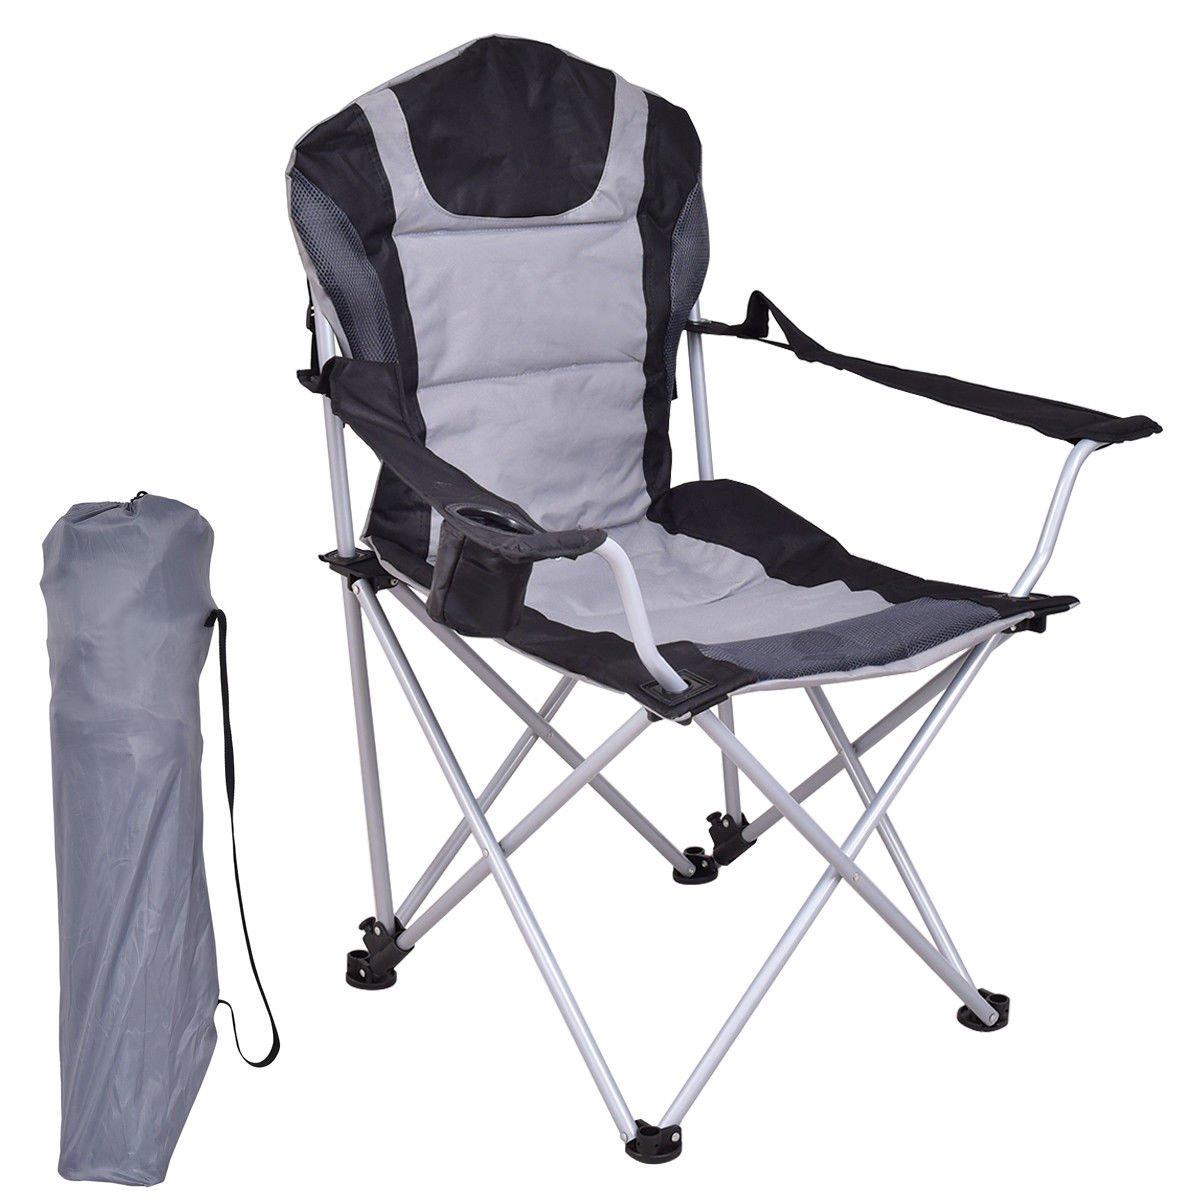 XT ポータブル 釣り キャンプ 椅子 シート カップホルダー ビーチ ピクニック アウトドア 折りたたみバッグ Gxfc   B07CFX6GSV